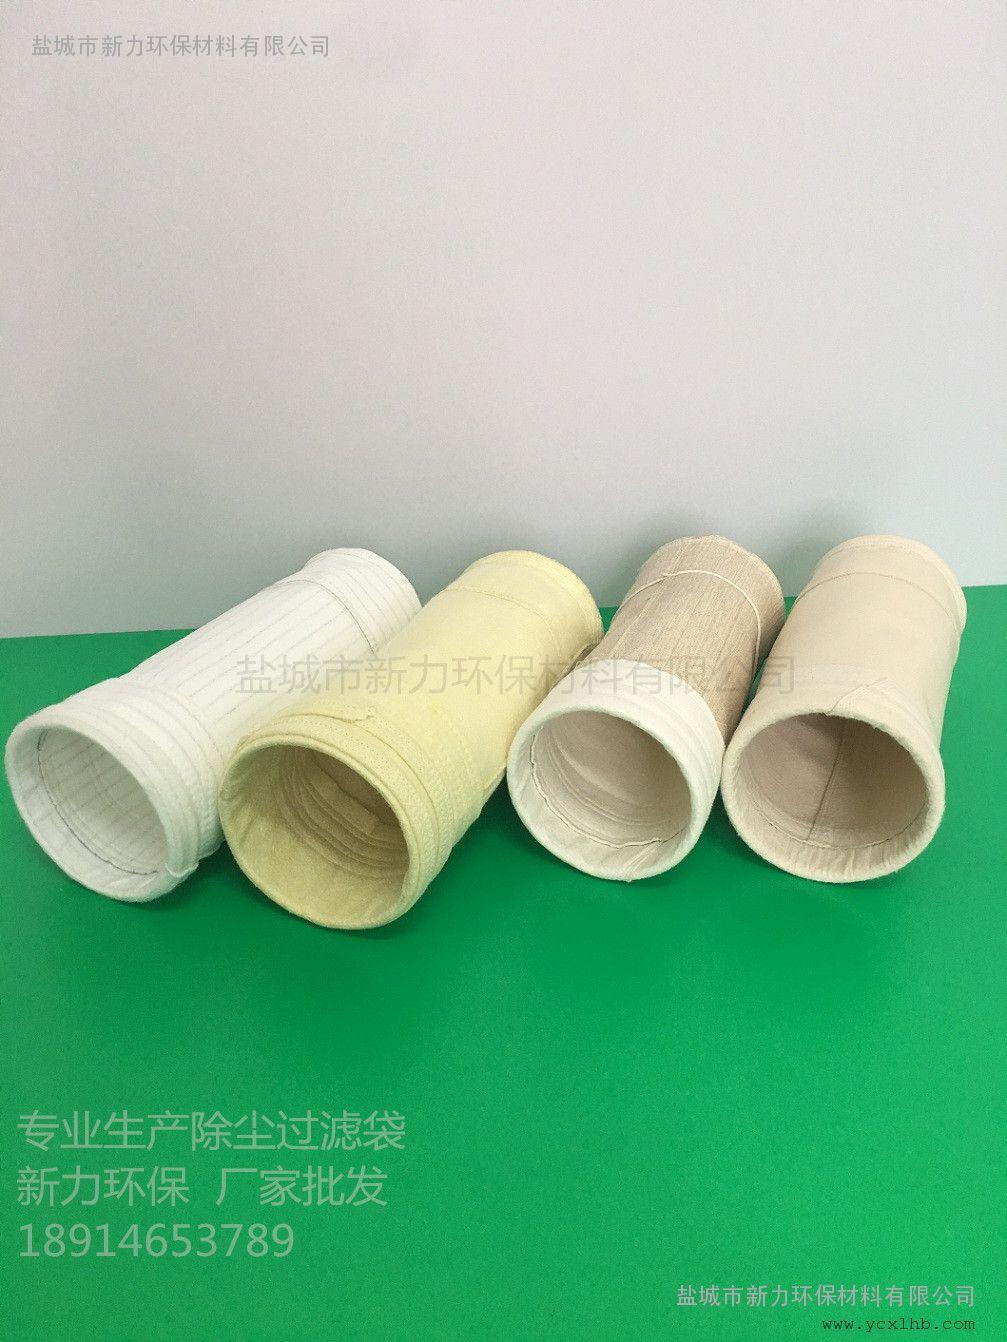 普通常温涤纶防水过滤袋厂家批发